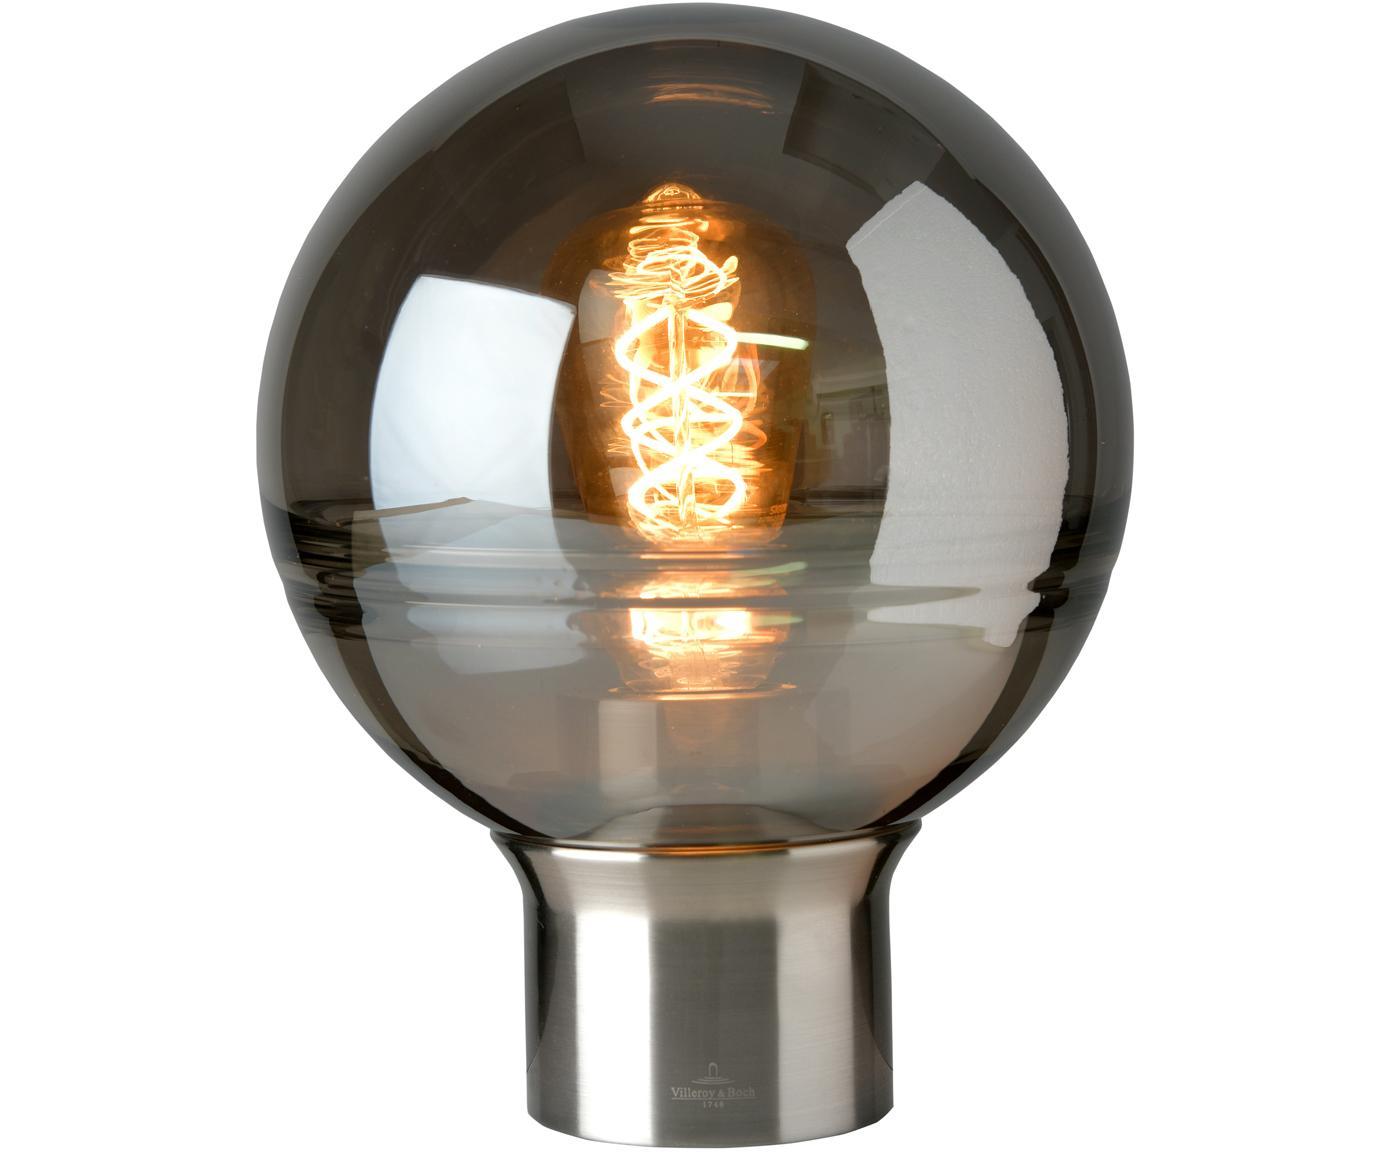 Lámpara de mesa de vidrio Tokio, Pantalla: vidrio espejado, Cable: plástico, Gris, metal, Ø 20 x Al 24 cm